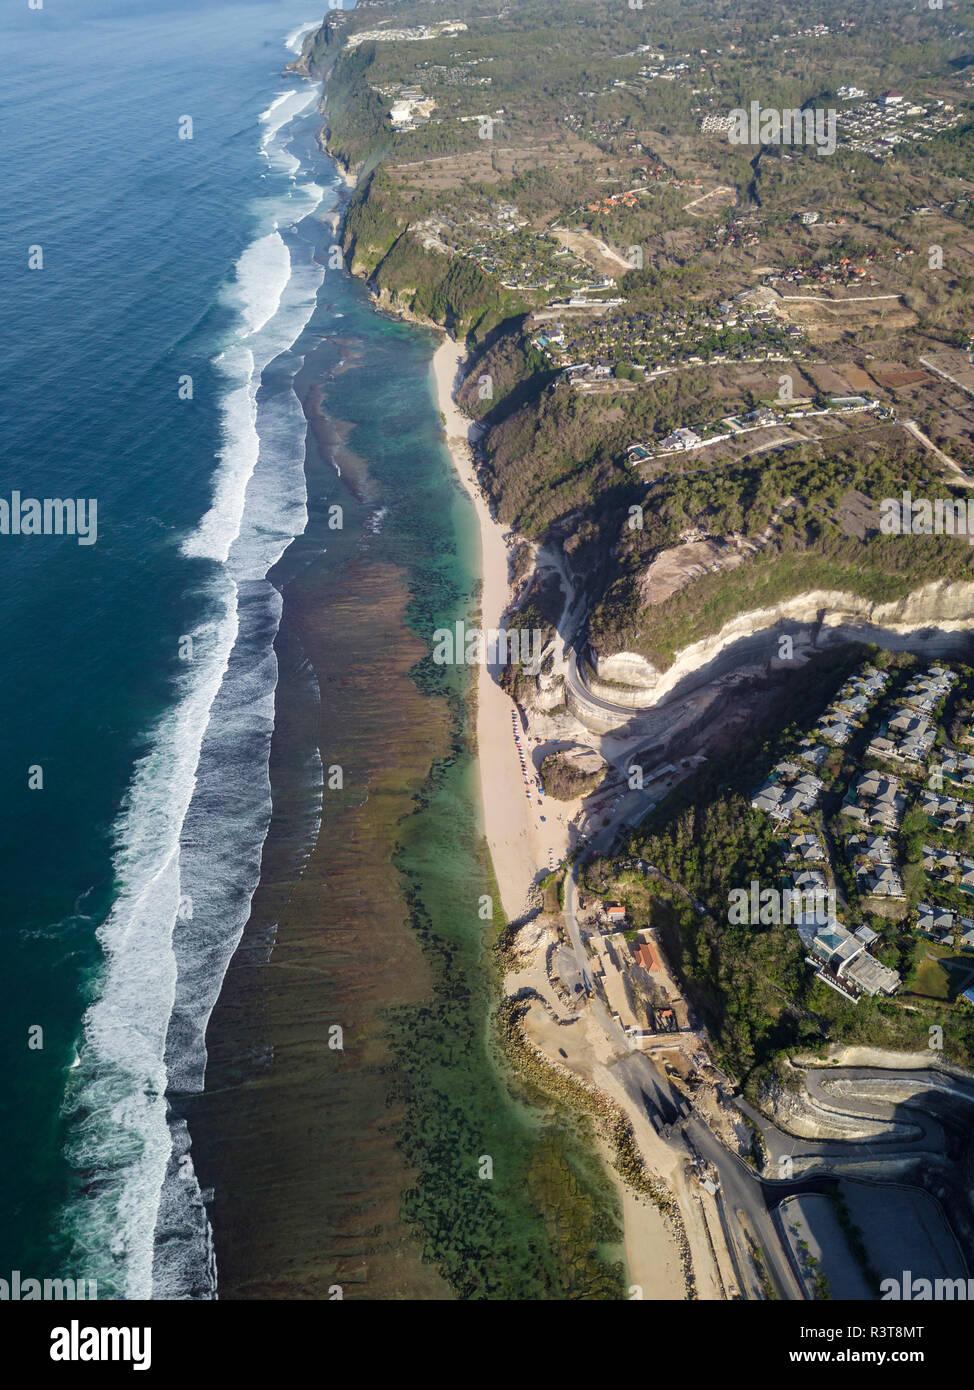 Indonesien, Bali, Luftaufnahme von Melasti Beach Stockfoto